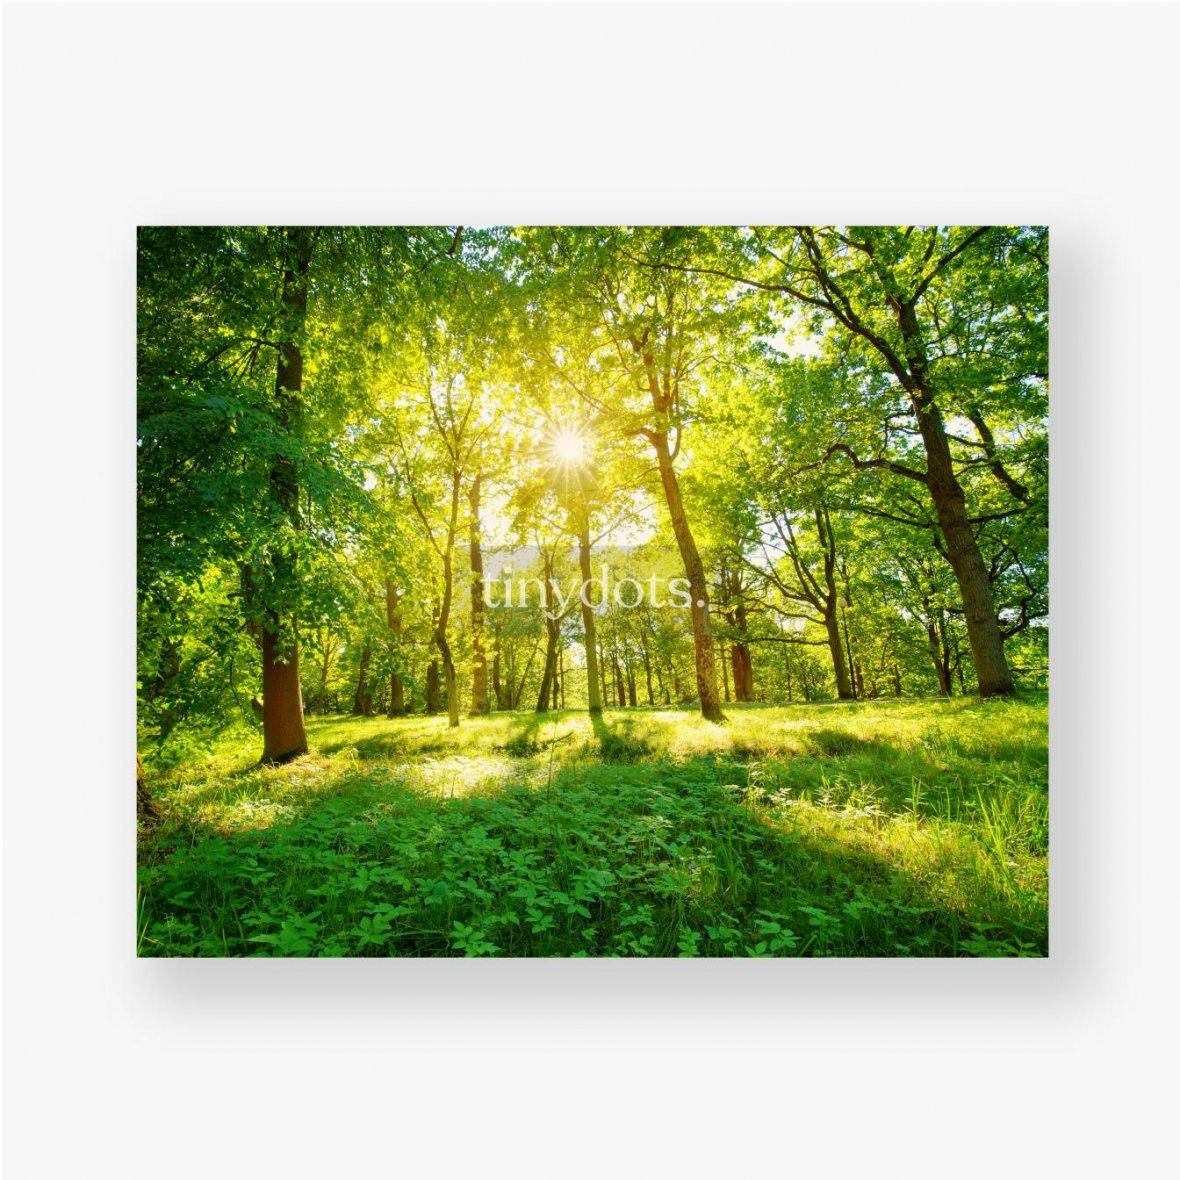 Poster Altes Eichenlaub im Morgenlicht mit Sonnenlicht. Waldlandschaft.